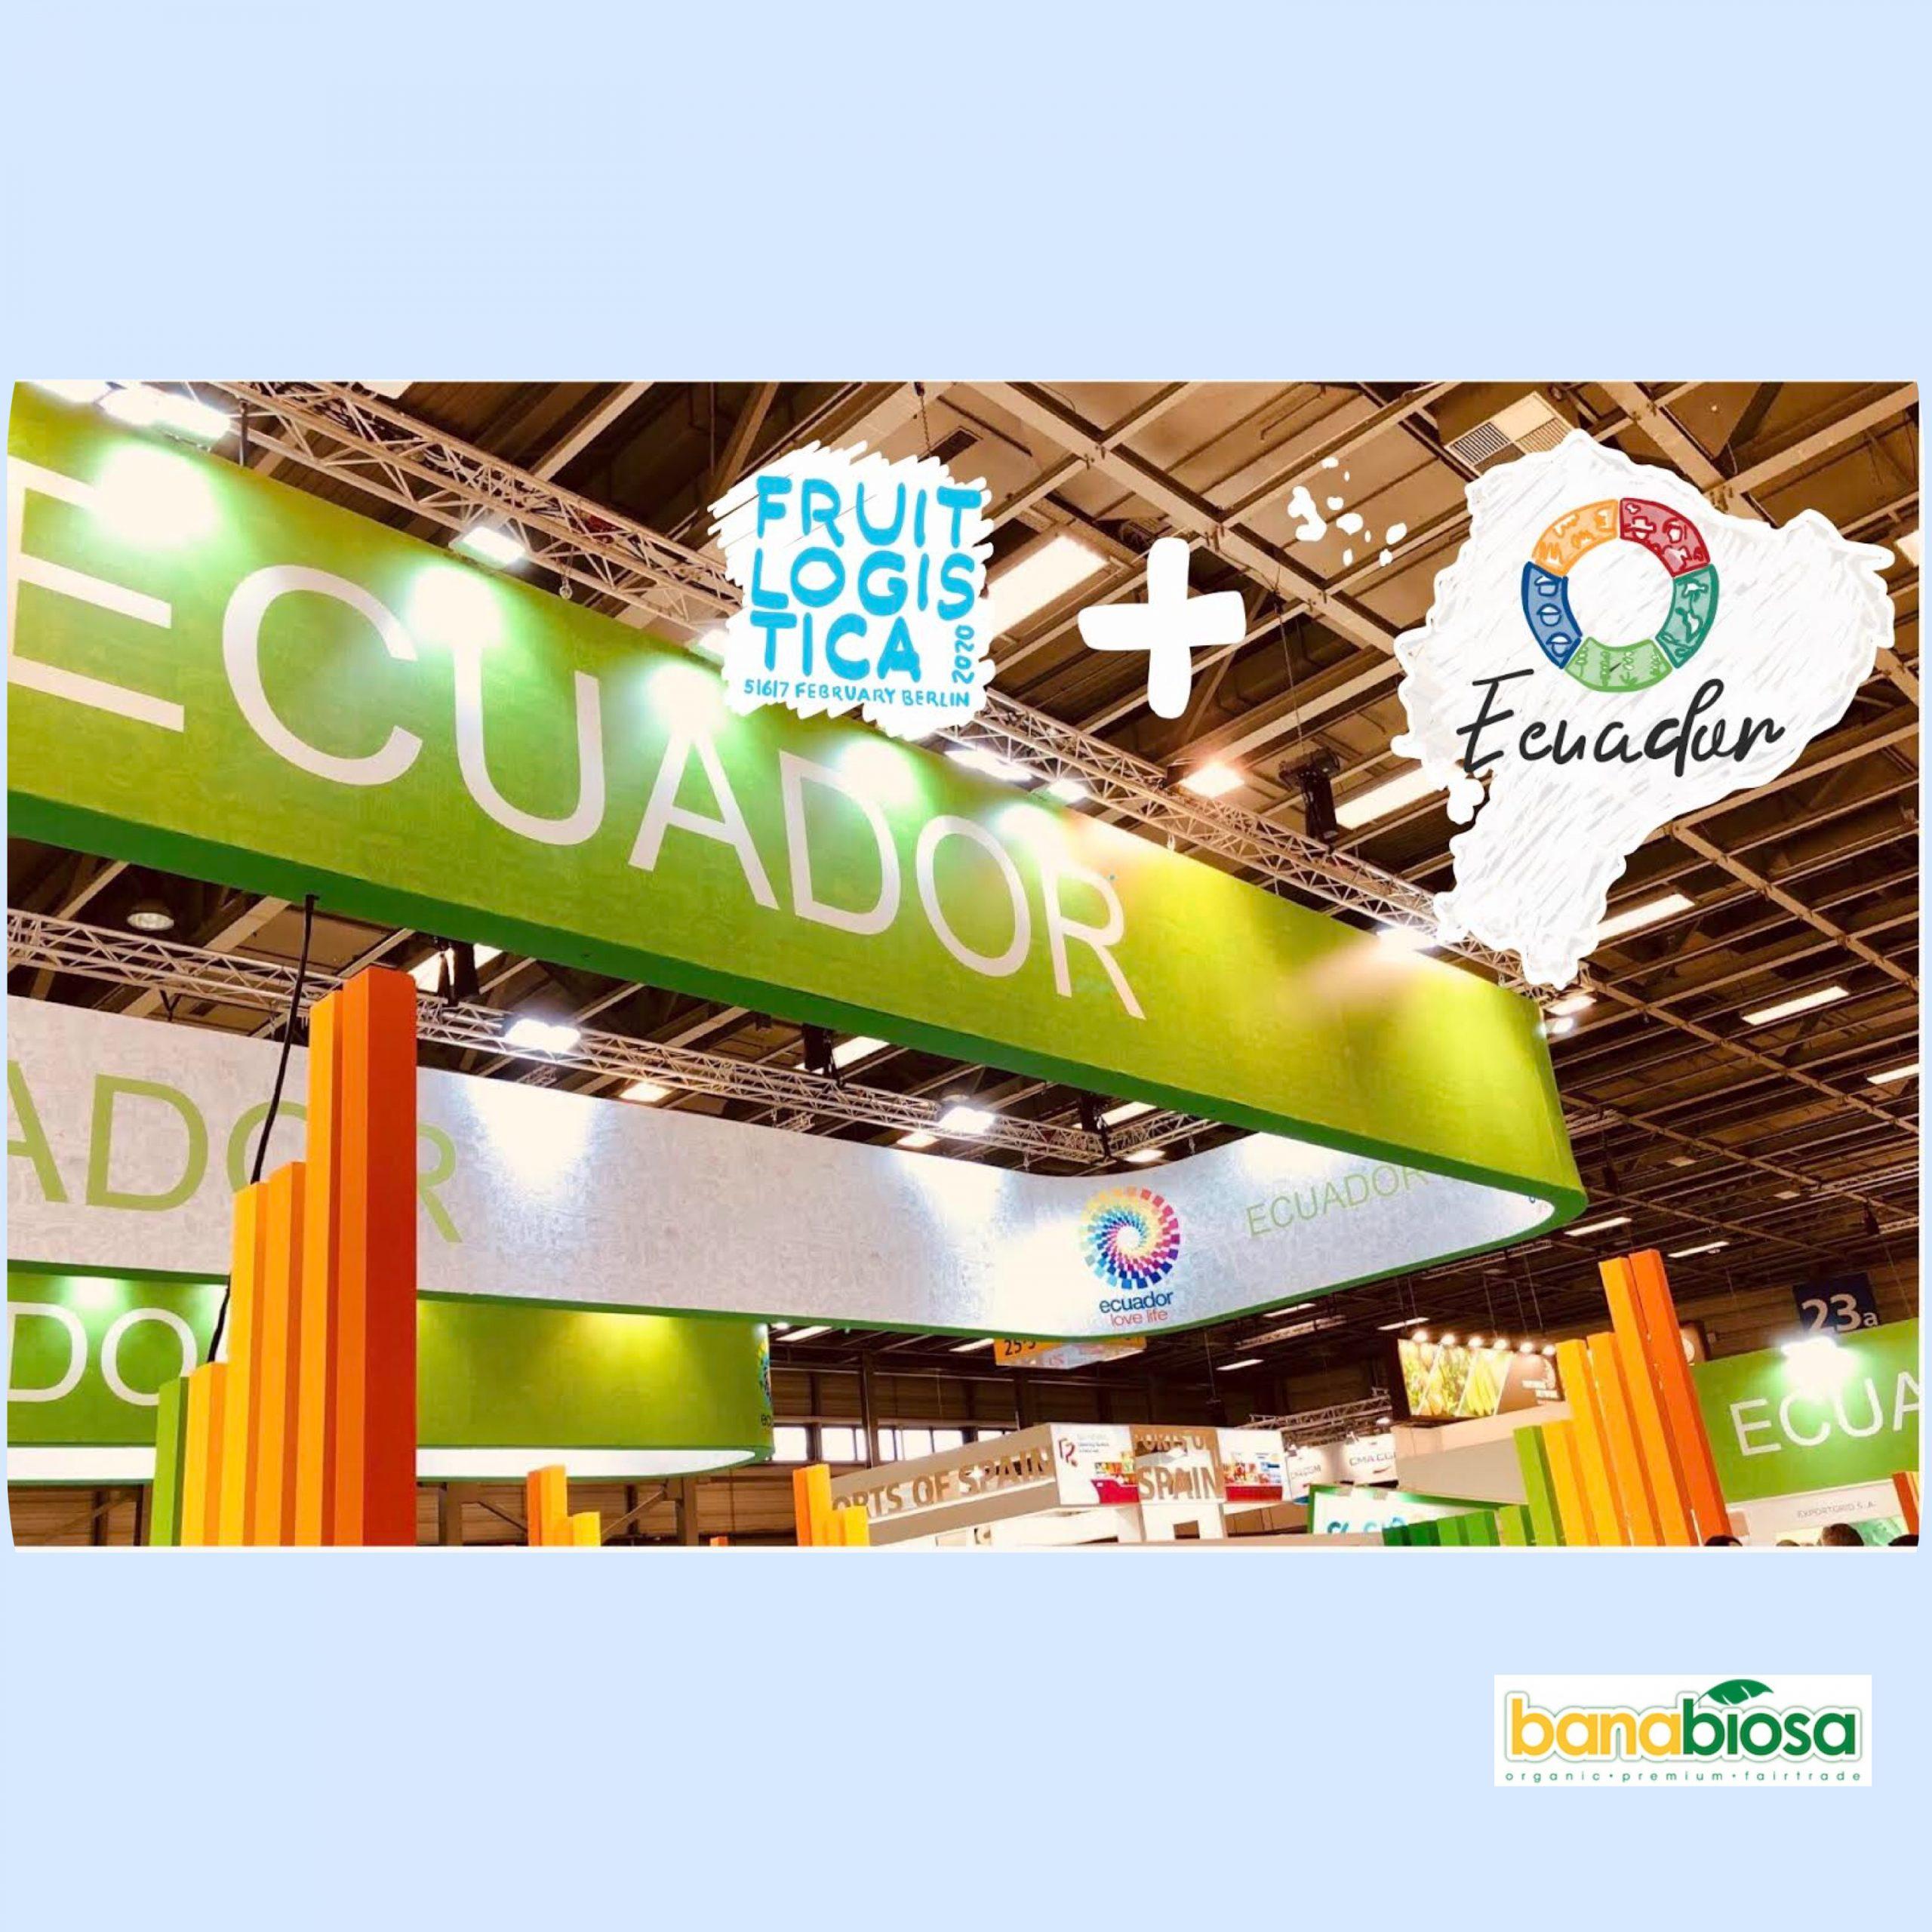 Ecuador Berlin Fruit Logistica 2020